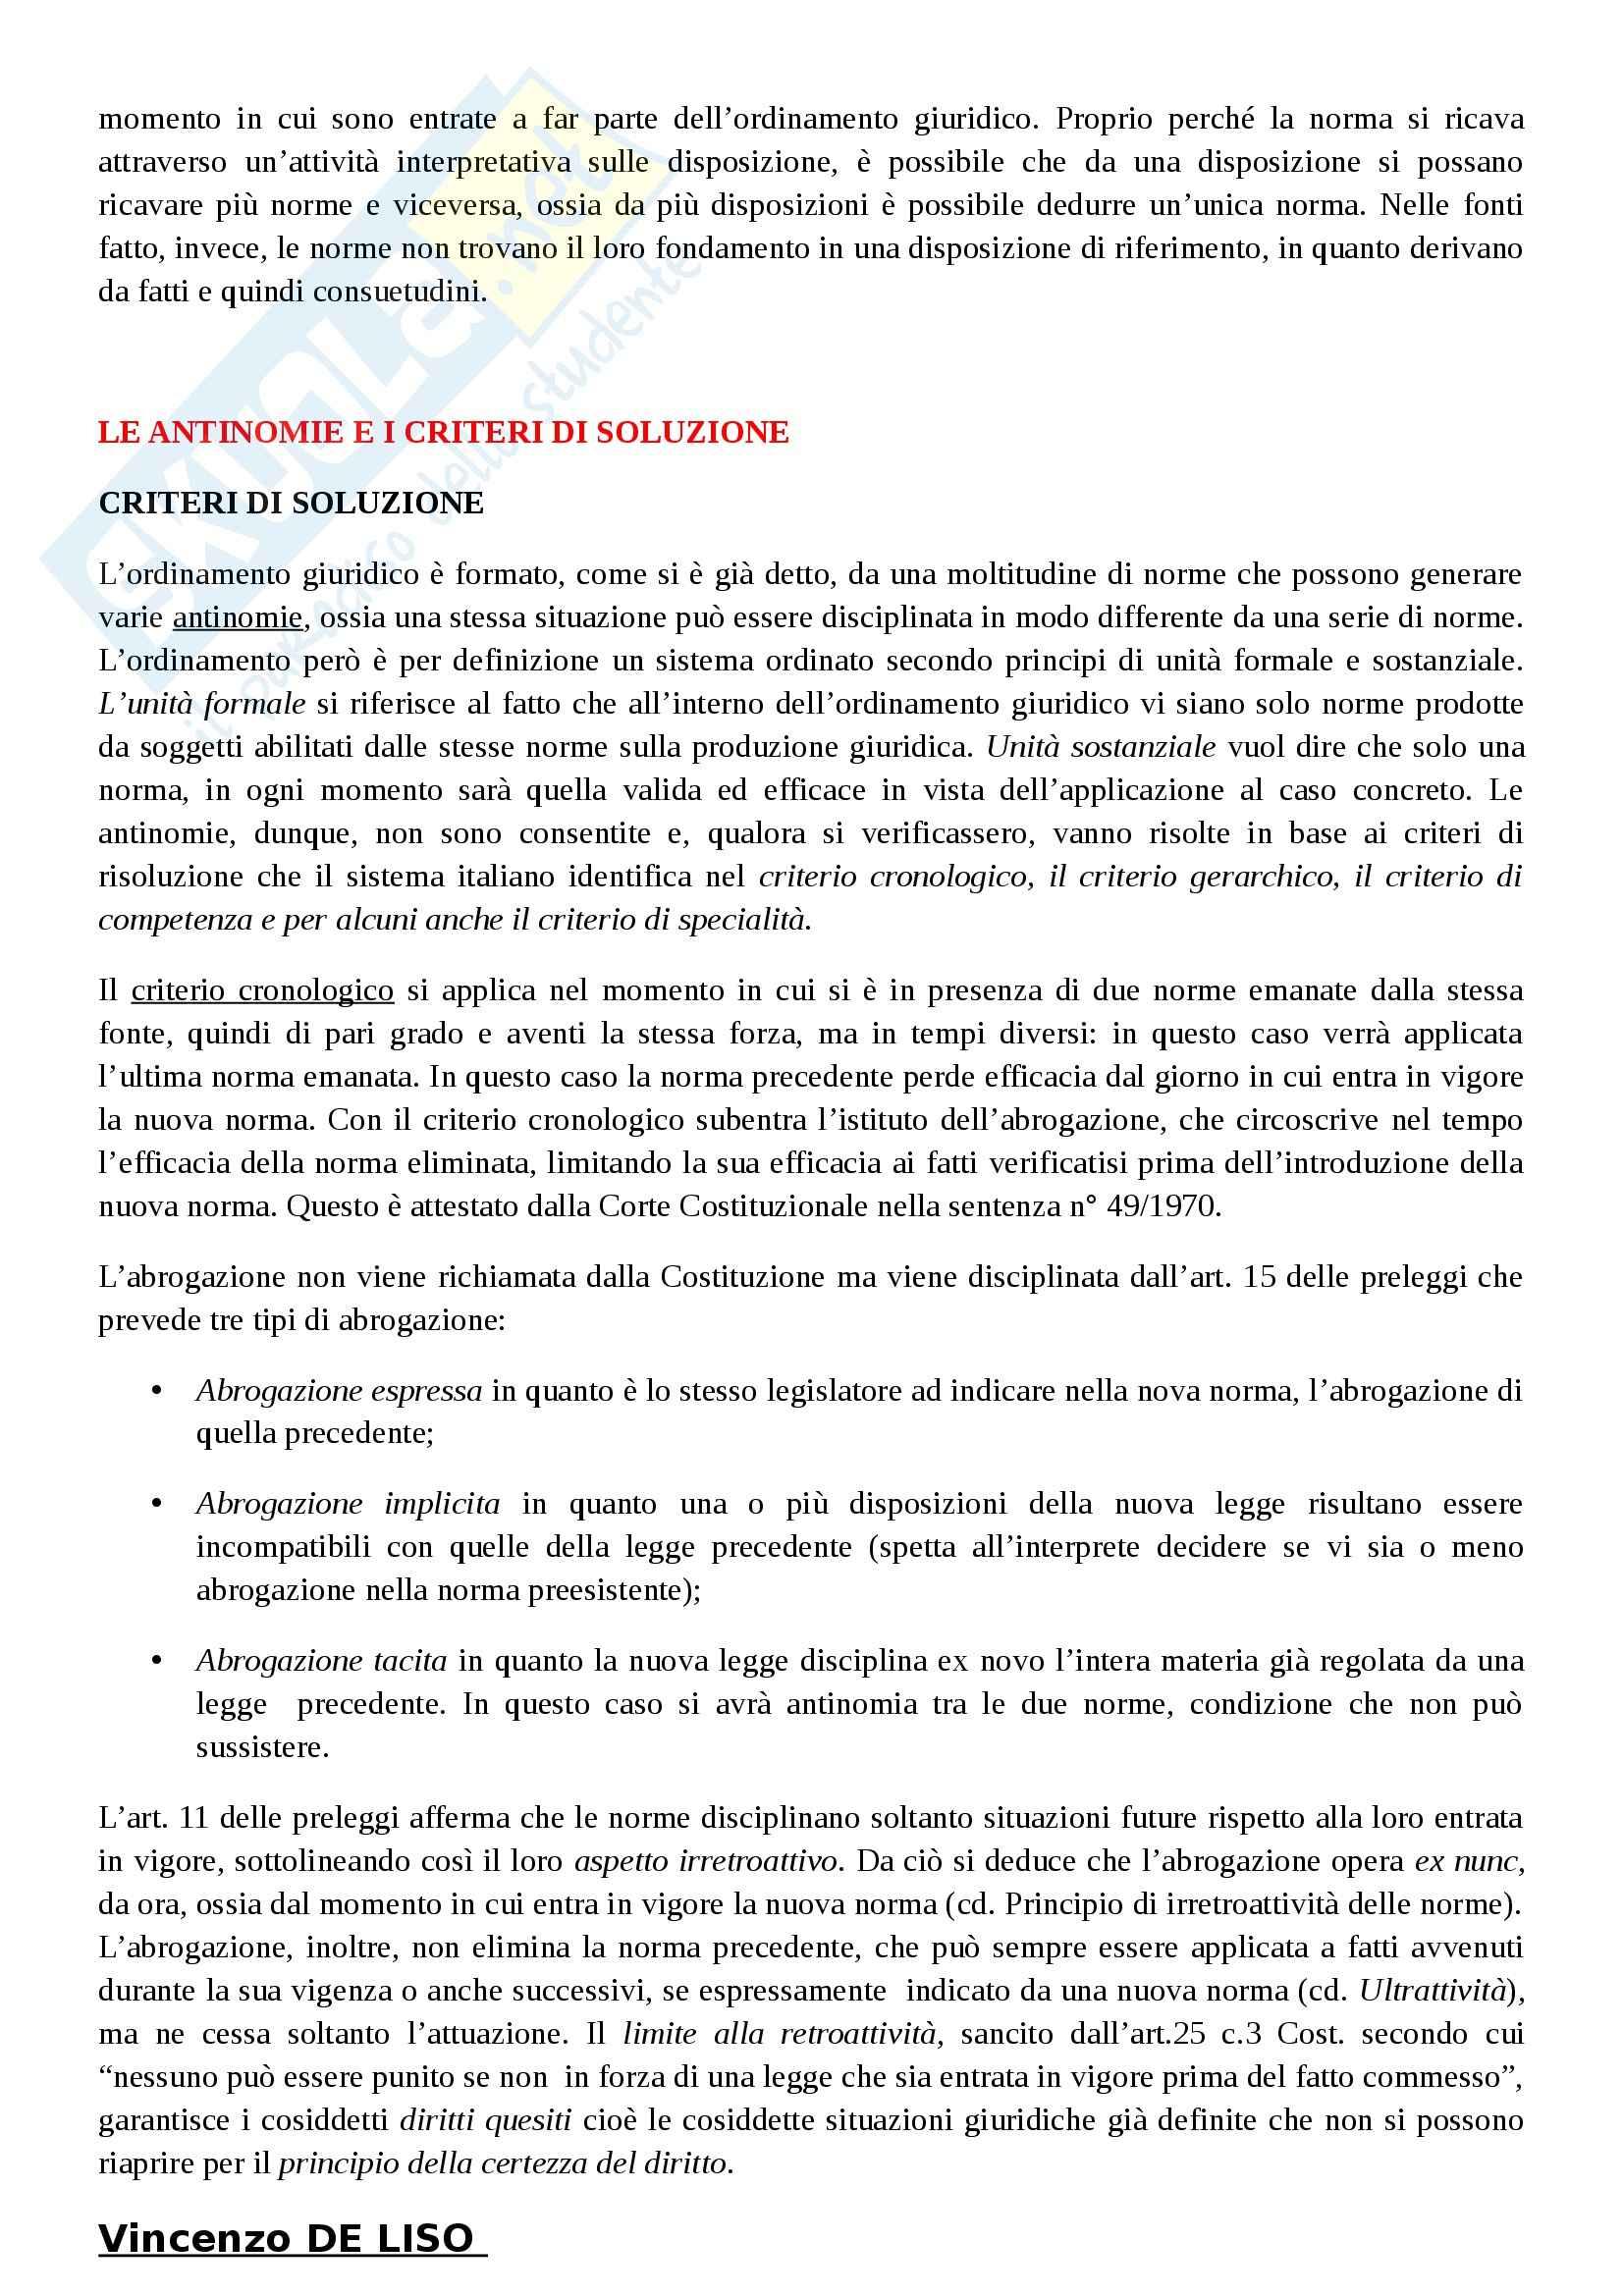 Riassunto esame Diritto Costituzionale, prof. Villone, libro consigliato La Costituzione italiana, Diddi Nardi, Coen Pag. 2